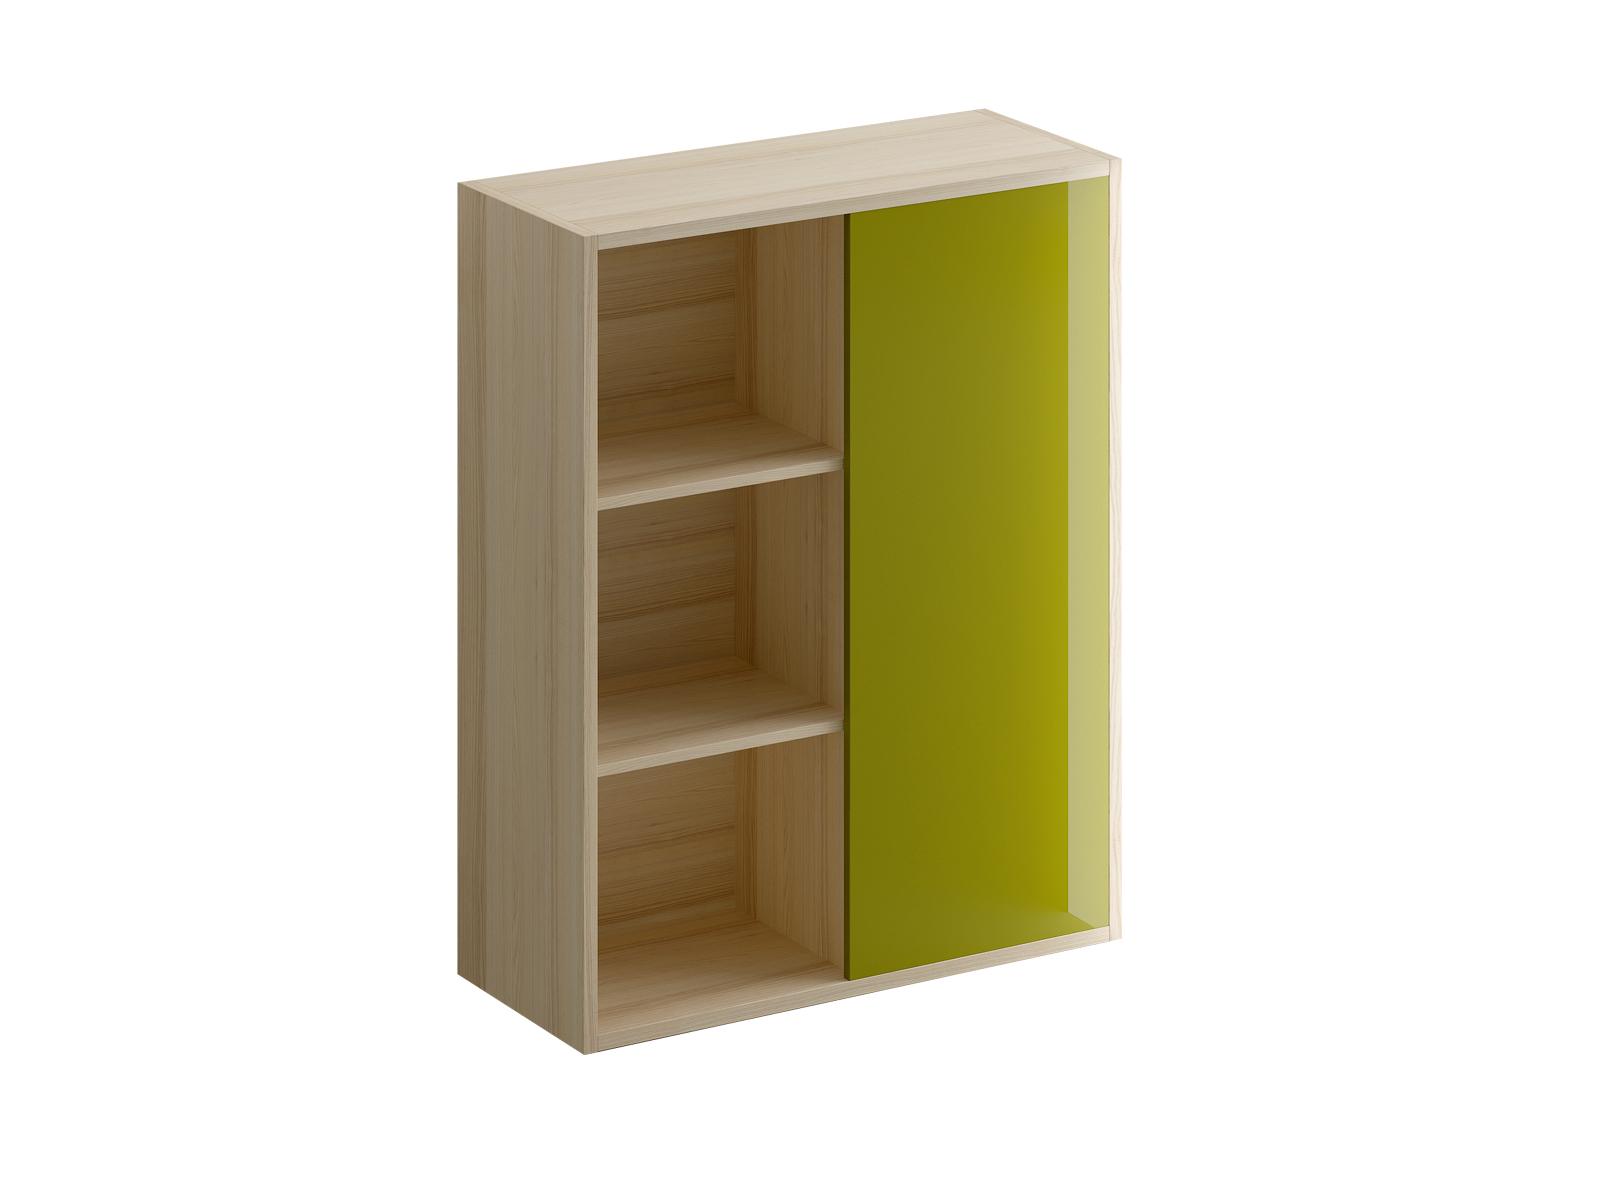 Шкаф оливковый Mix PlusШкафы<br>Шкаф для книг и документов. У шкафа двa отделения: открытые полки слева и съёмные полки за дверью справа.<br>